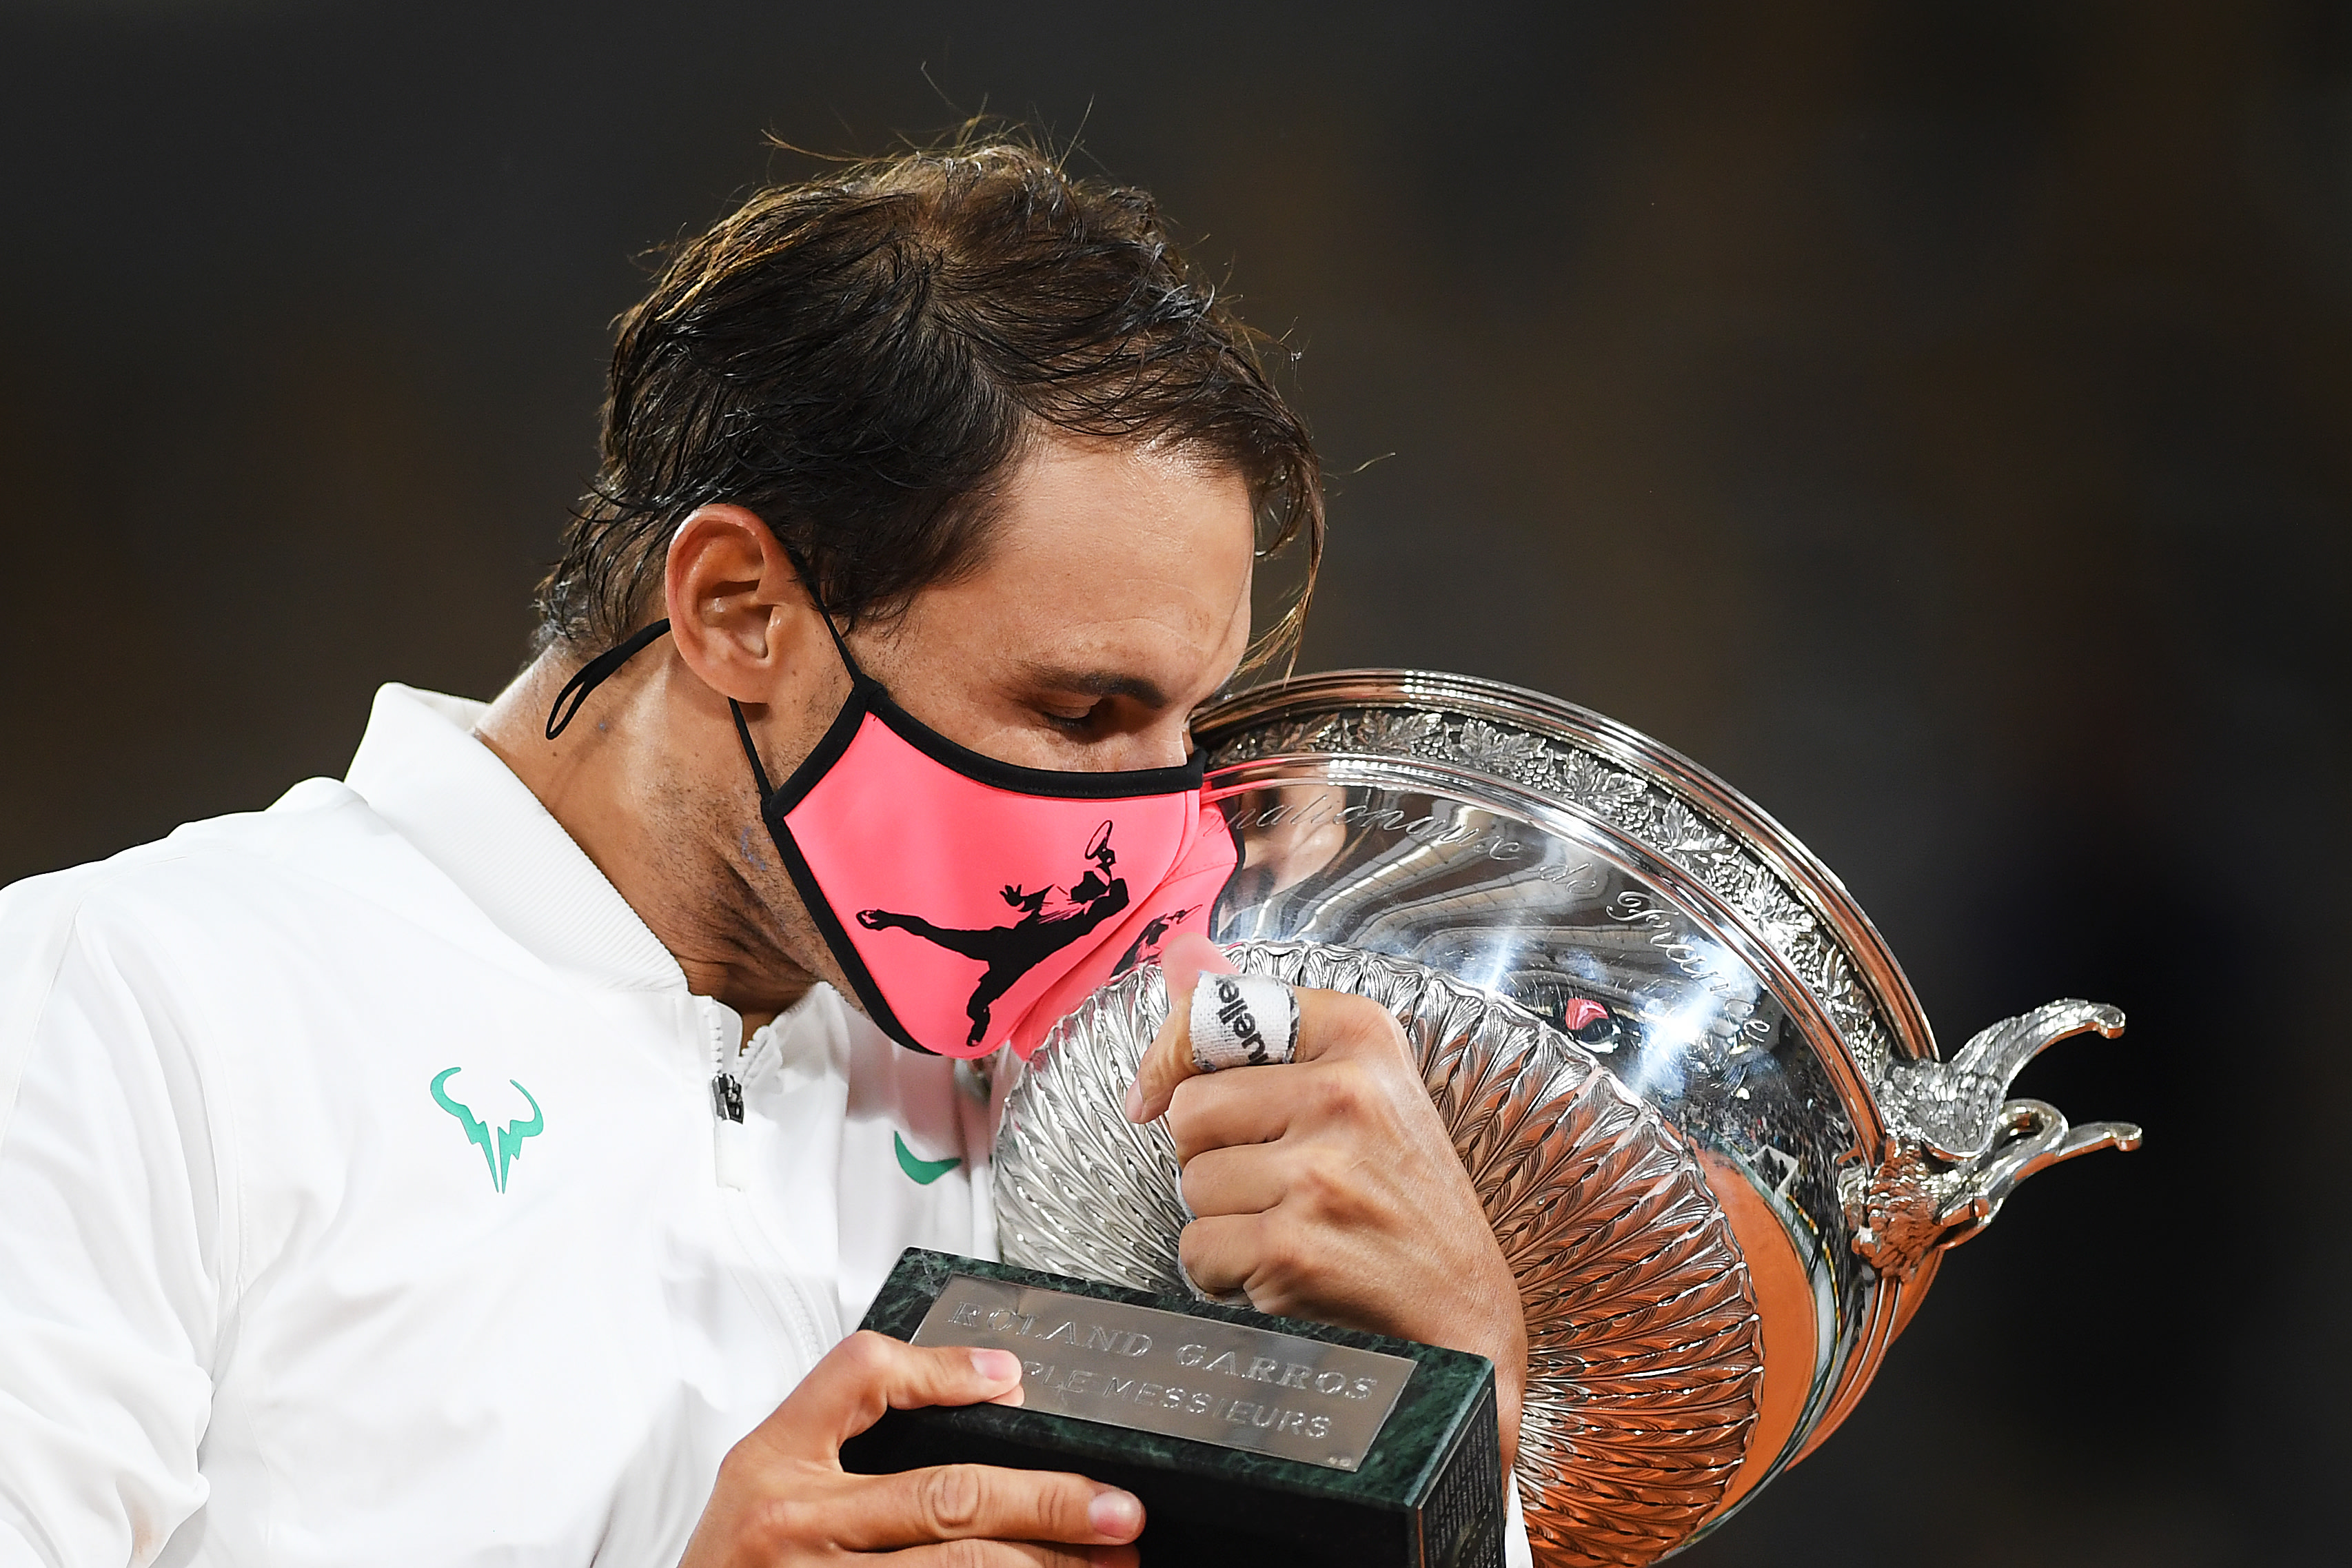 www.tennis.com